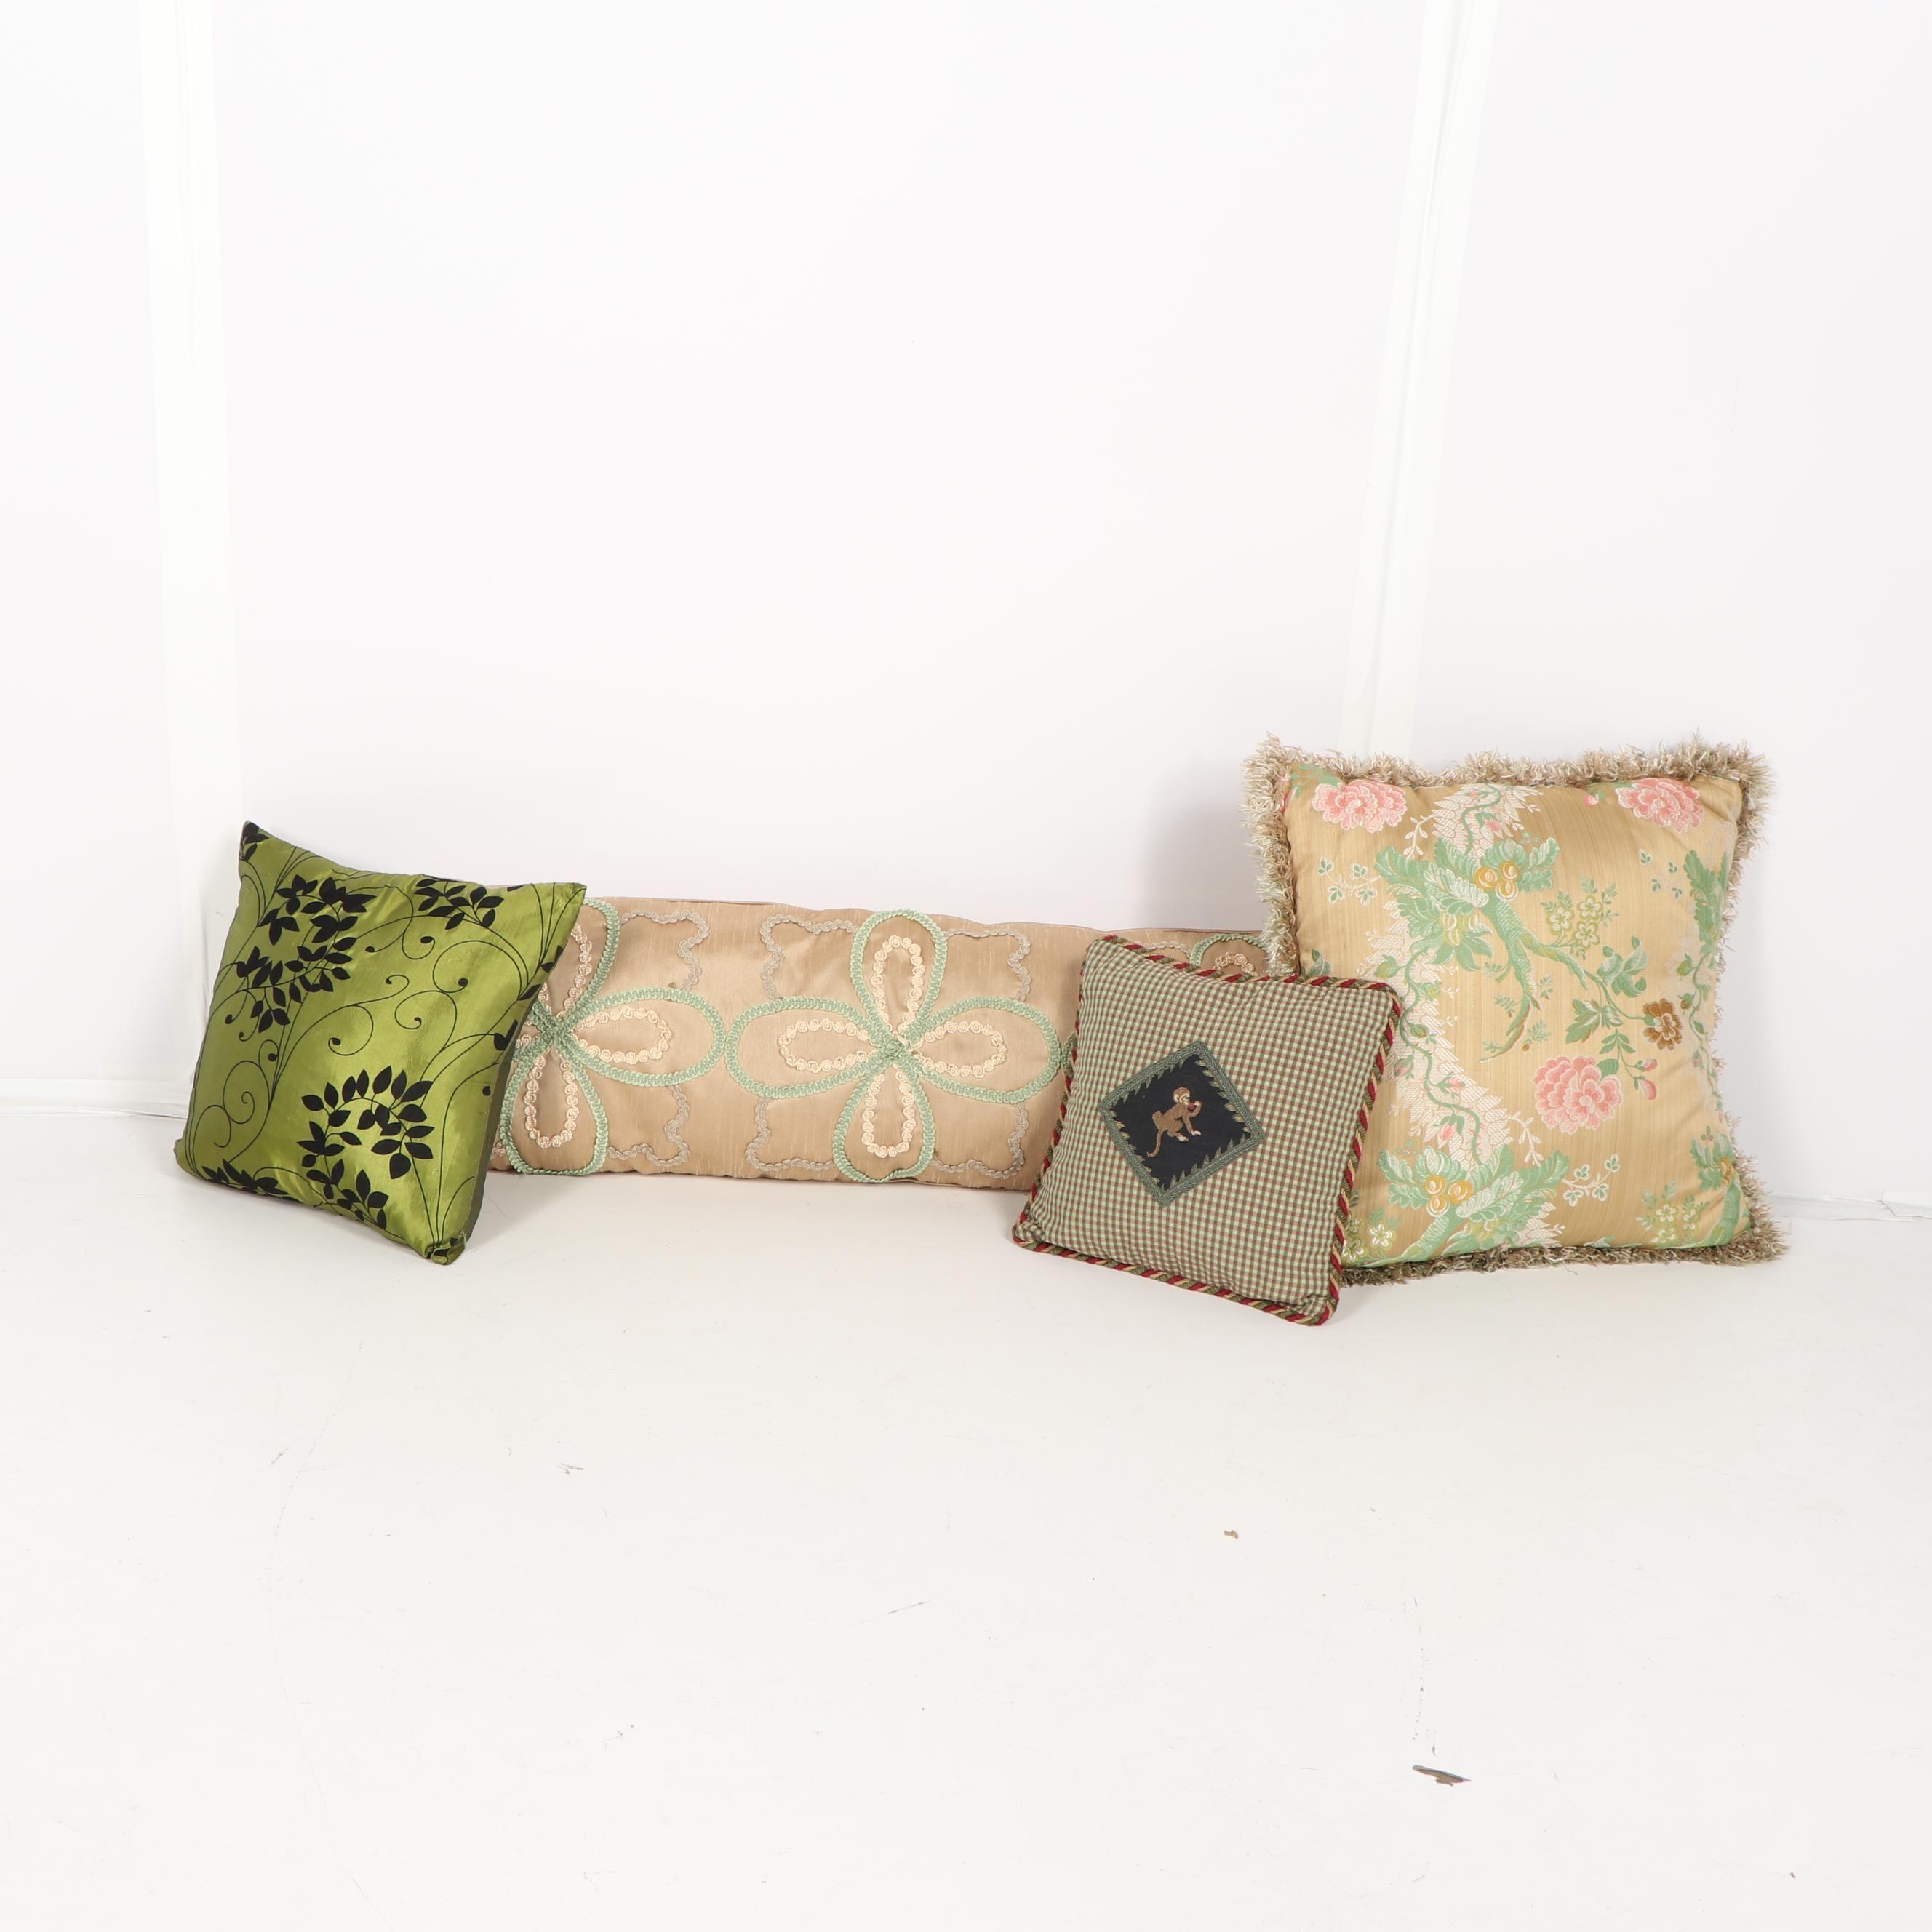 Decorative Pillows Including Nina Campbell